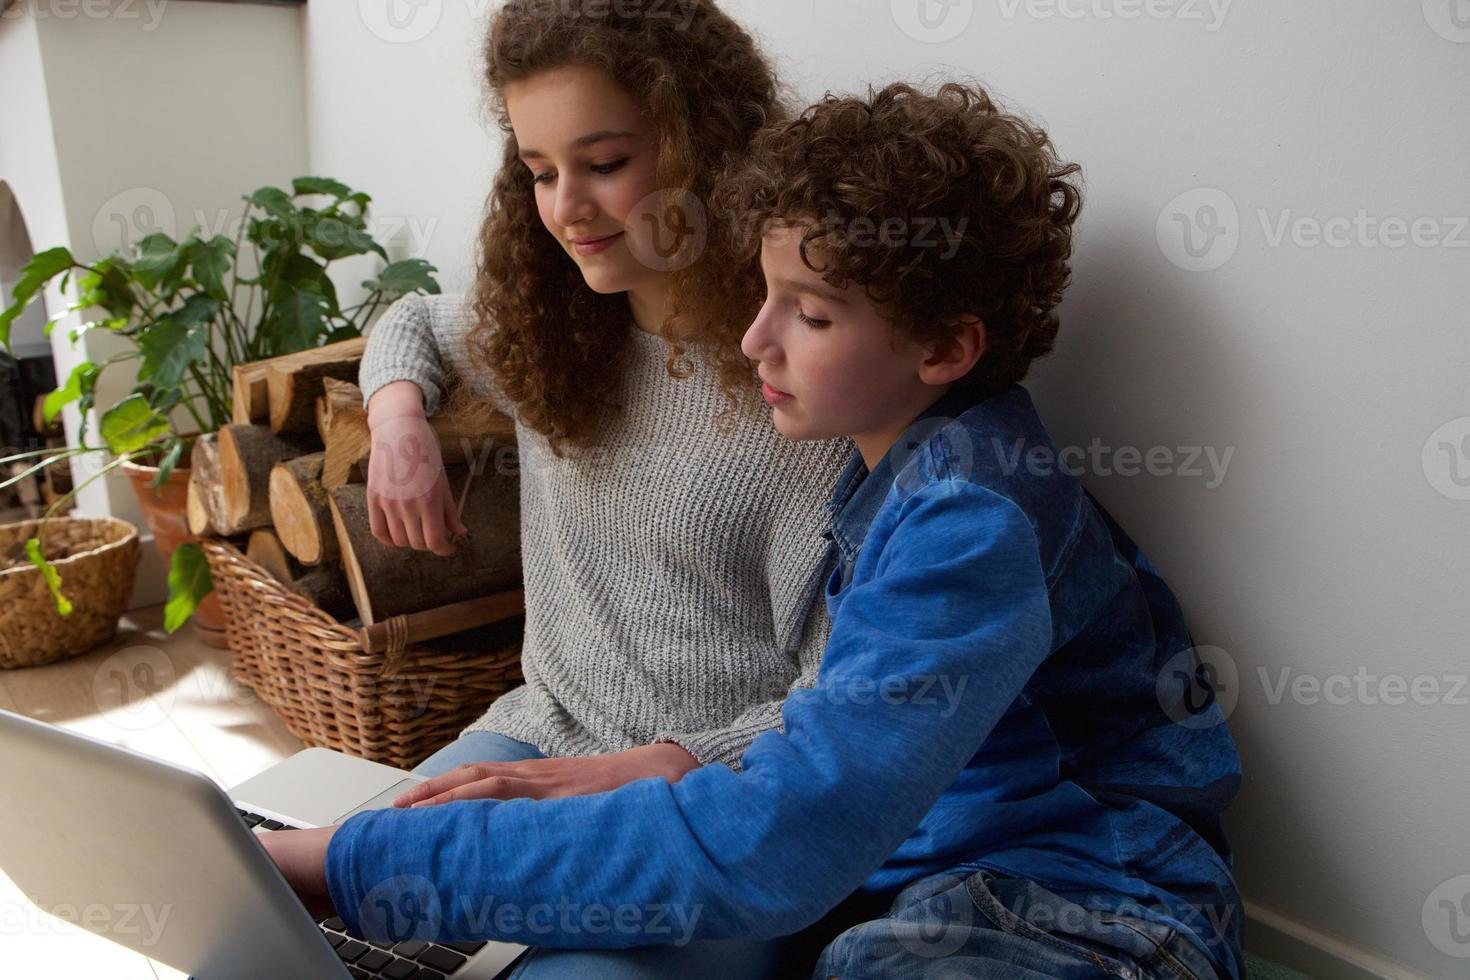 bonito menino e menina usando laptop juntos em casa foto